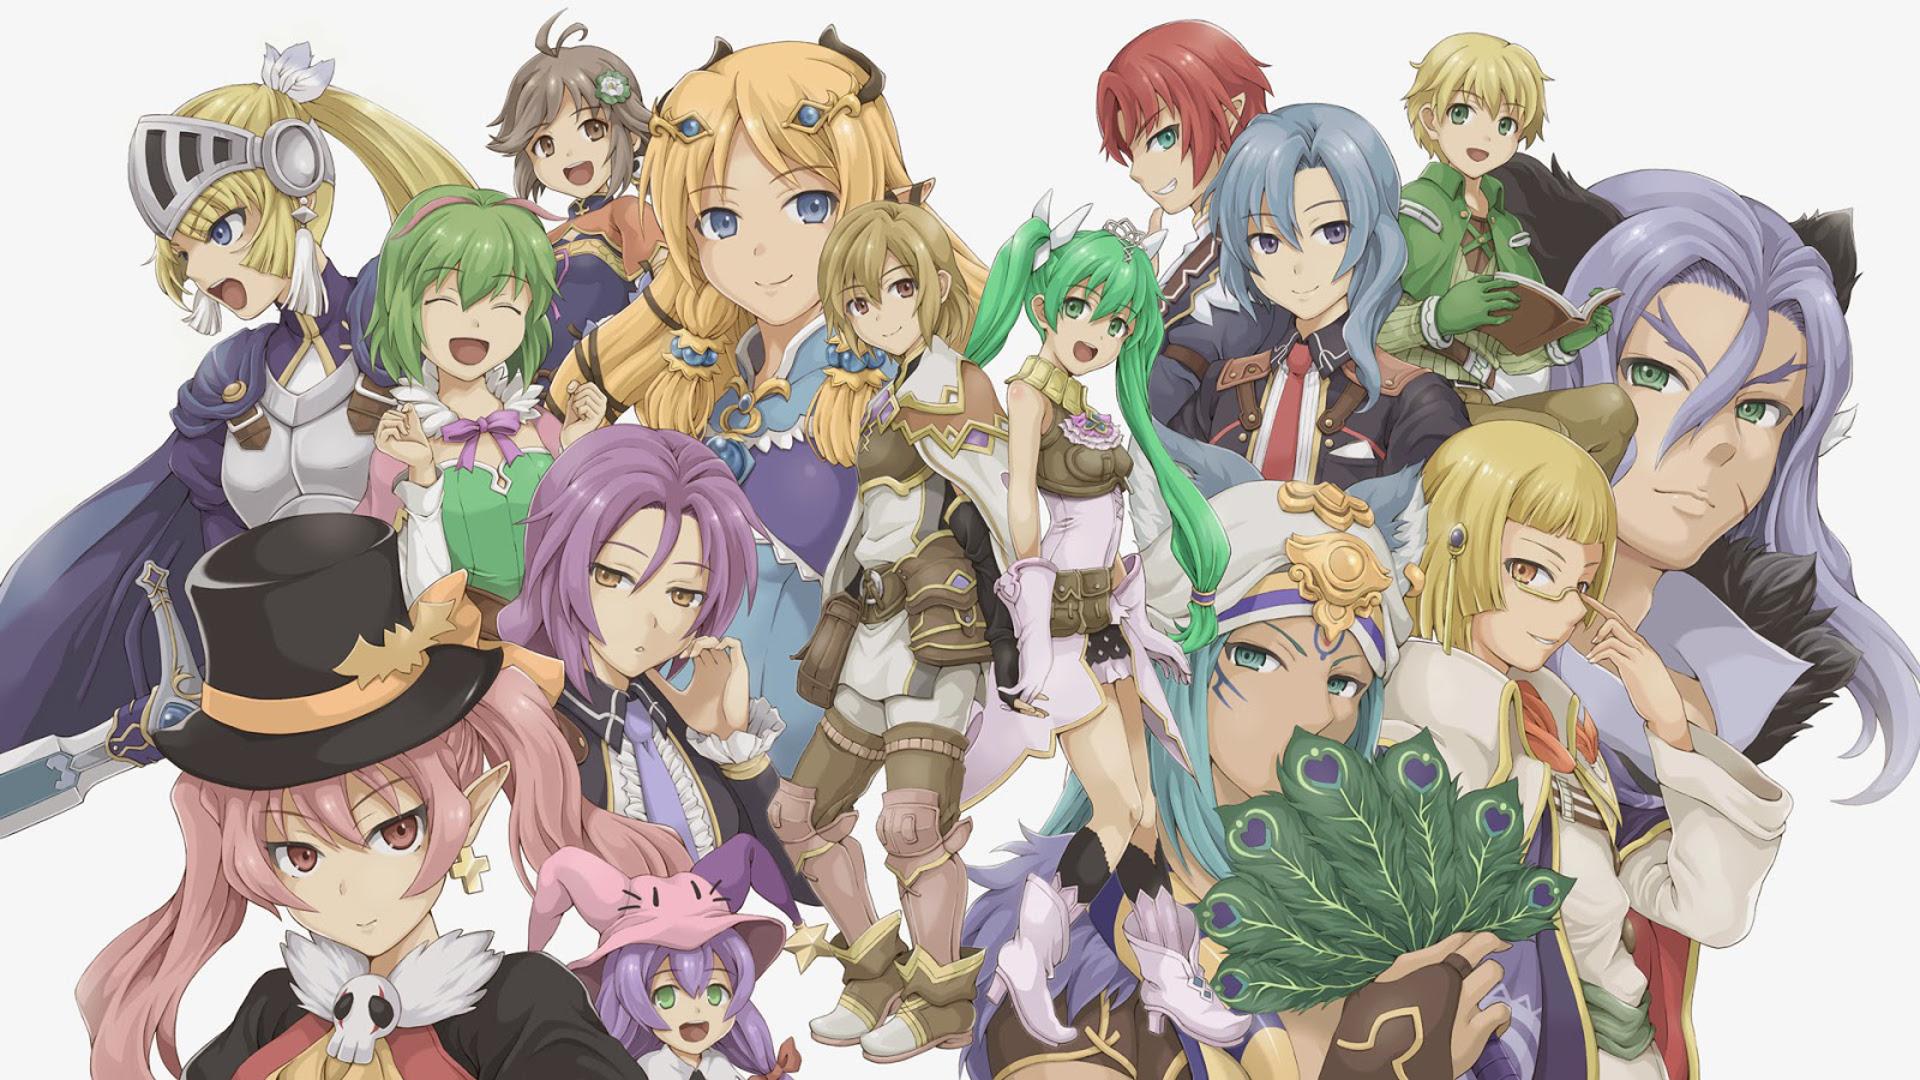 Rune factory 4 | nintendo 3ds download software | games | nintendo.